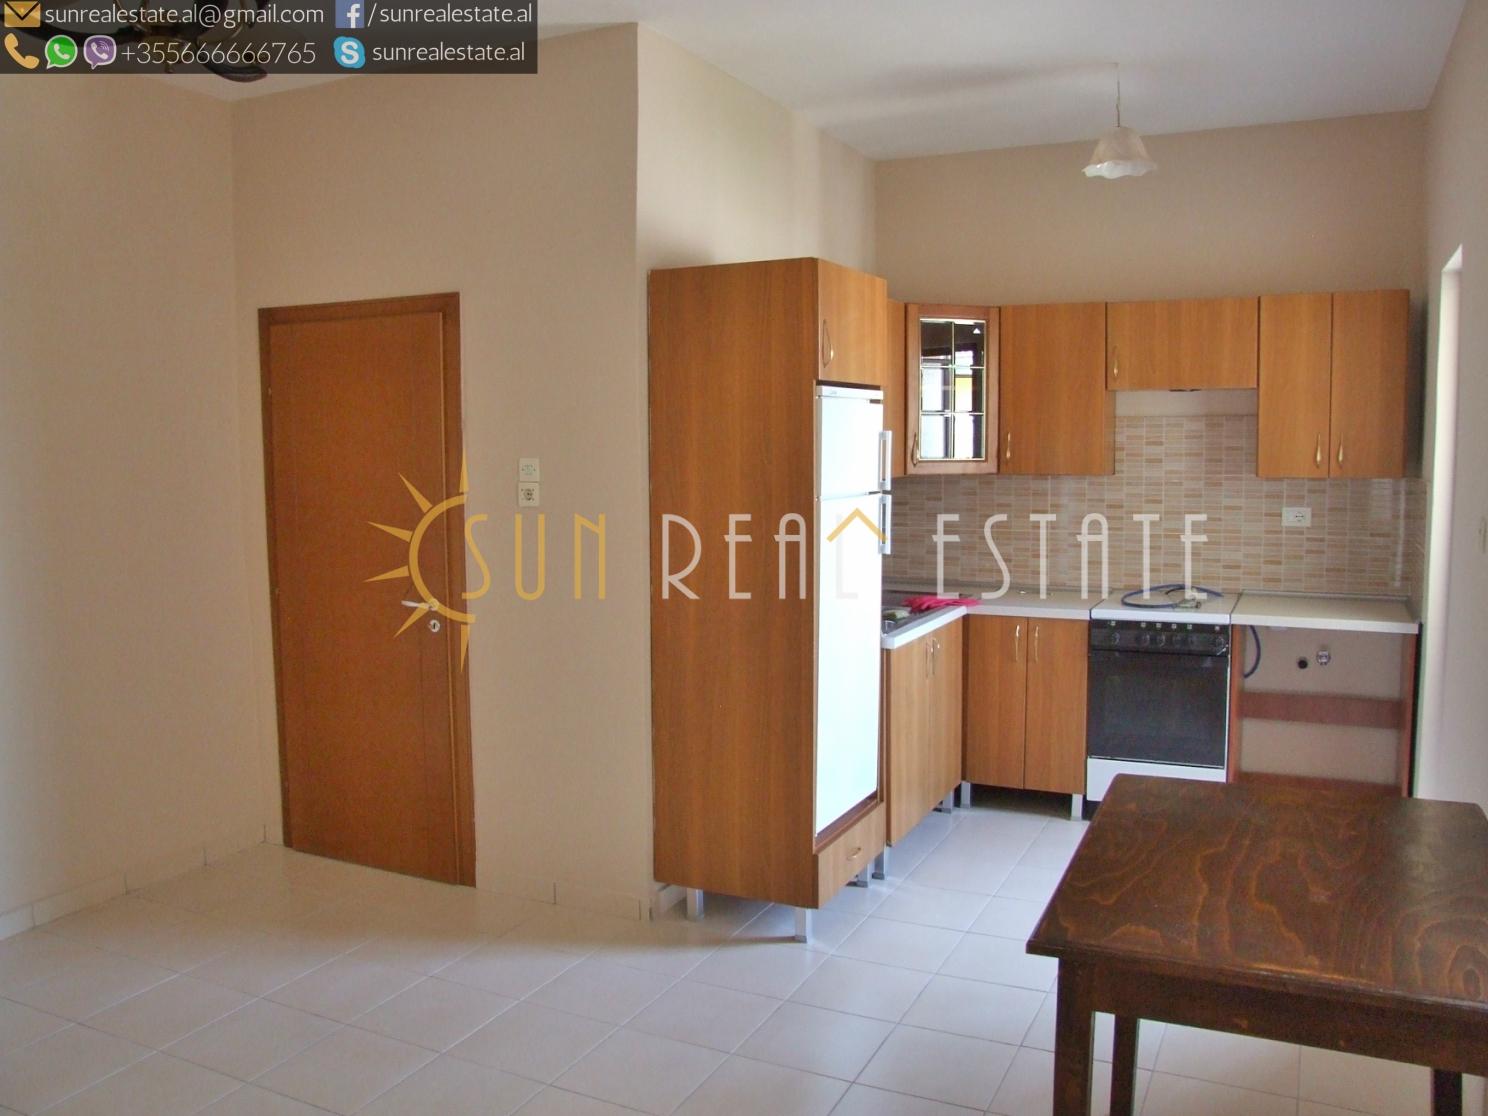 Apartament 1+1 në shitje tek ish-Parku i autobusave